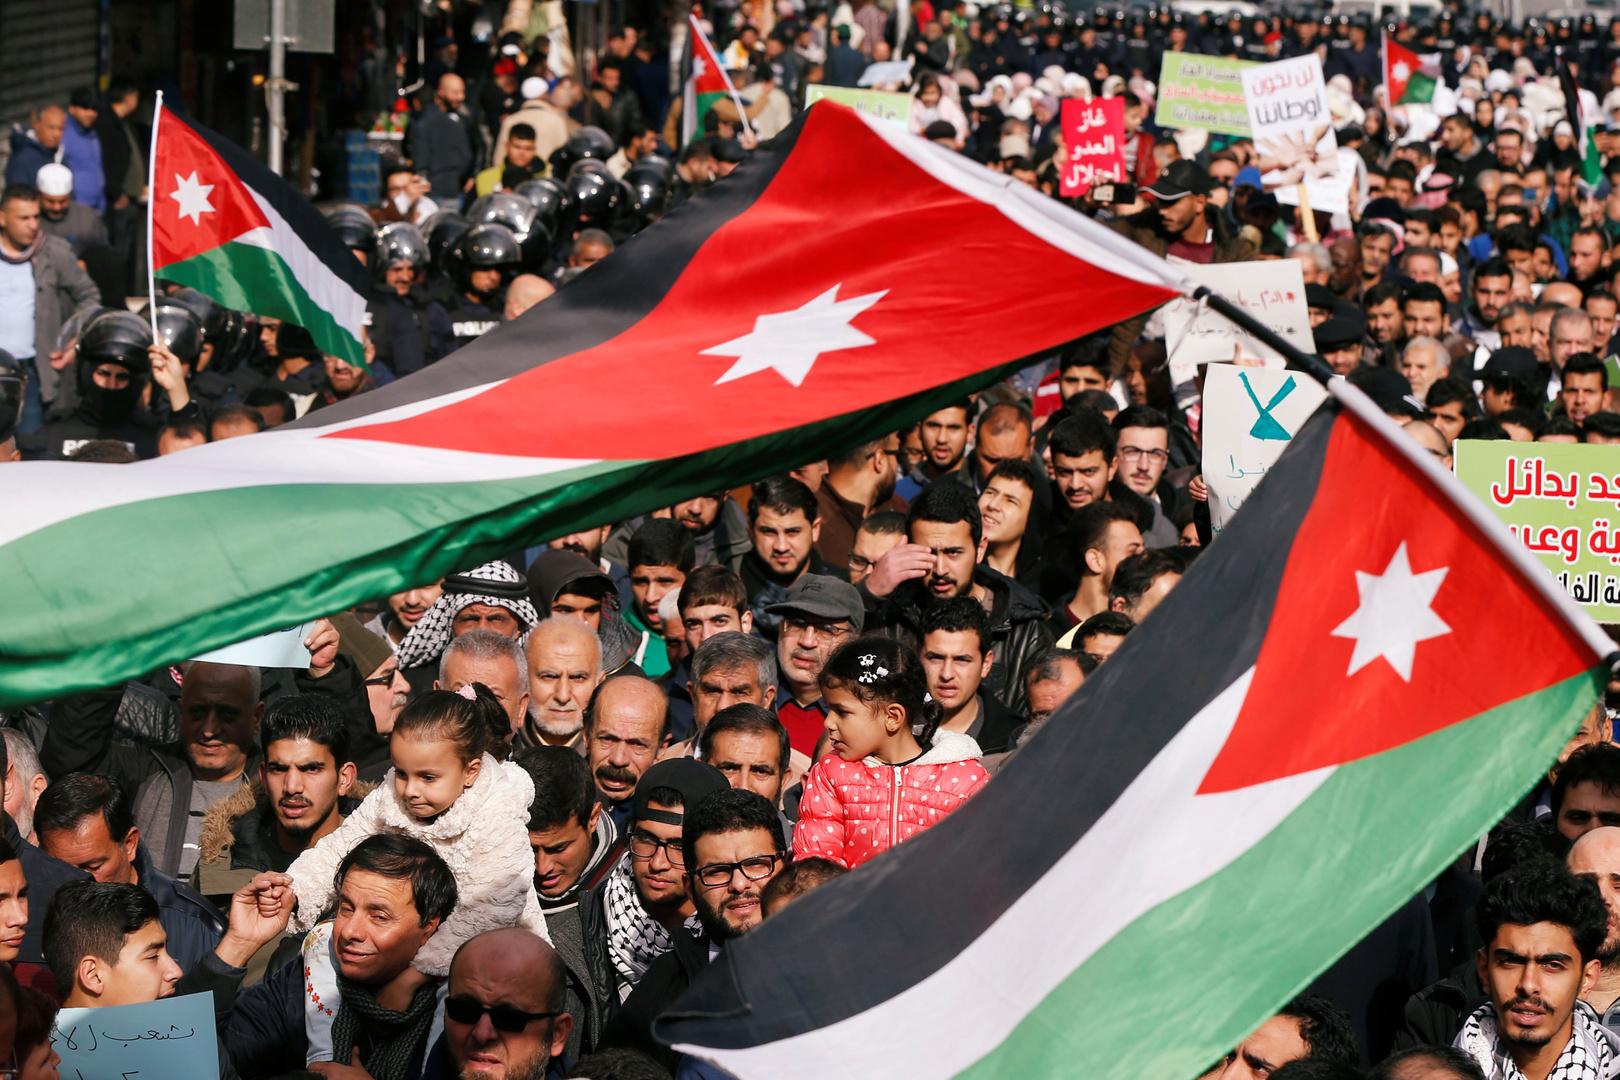 النائب الأردني المجمدة عضويته يقدم استقالته من  البرلمان